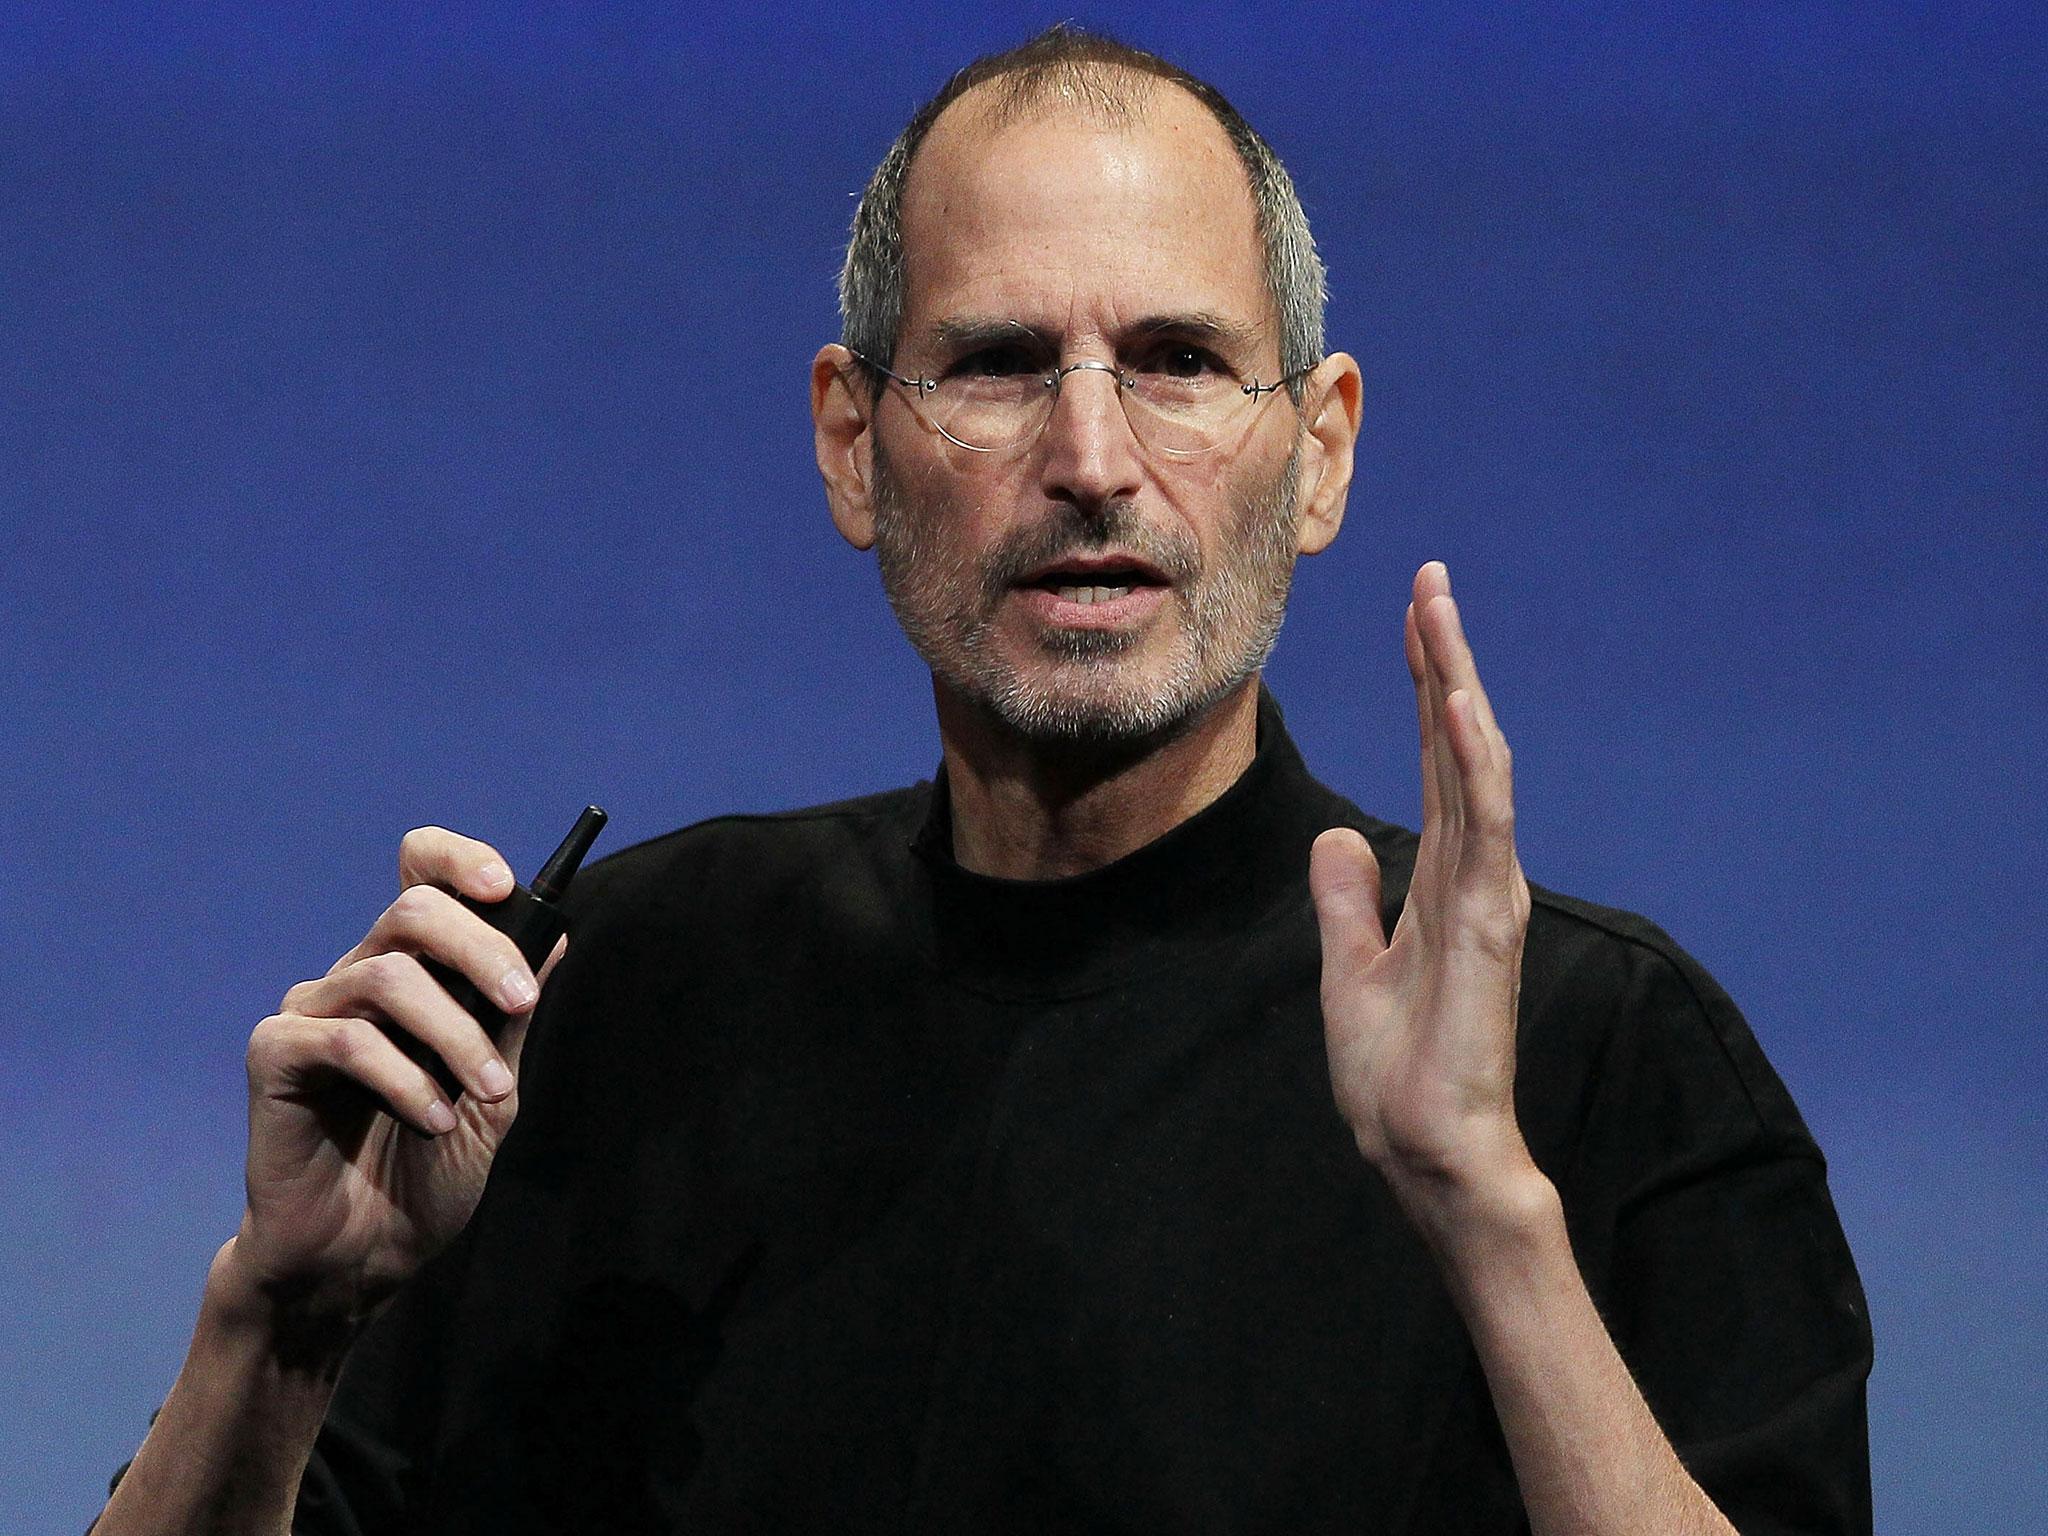 Steve Jobs ar fi vrut un buton inapoi pentru iPhone. Ce l-a oprit